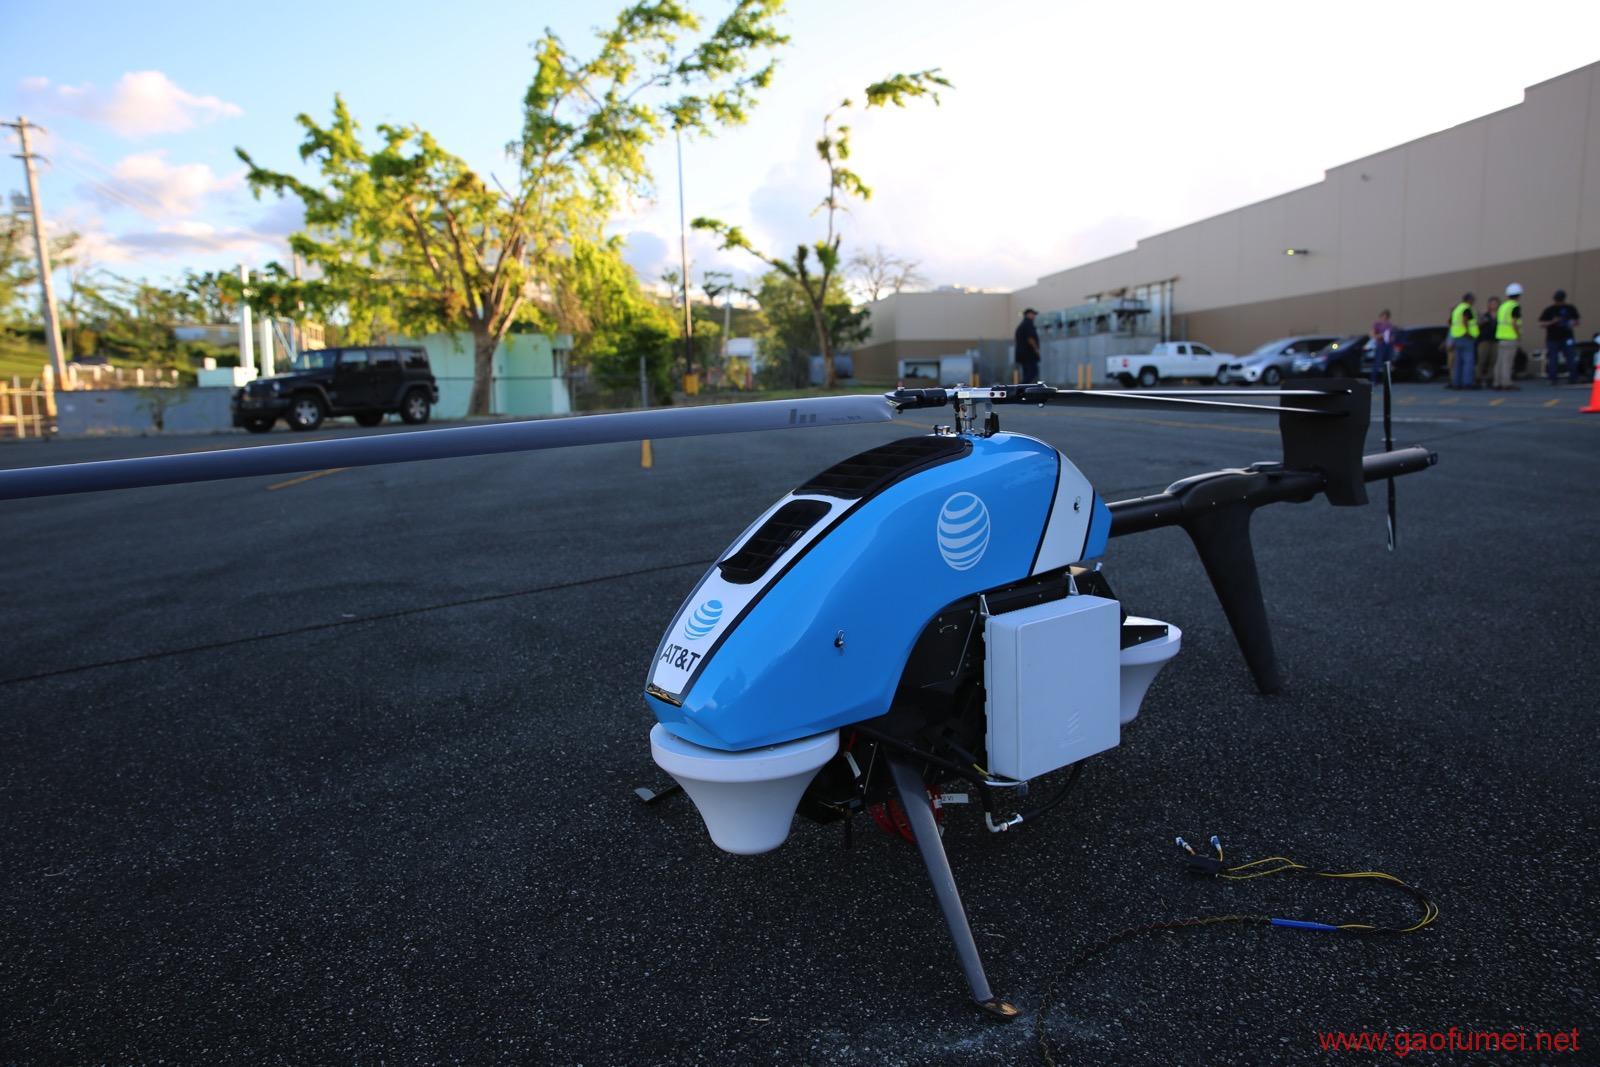 永不坠落的无人机基站AT&T灾区救援行动